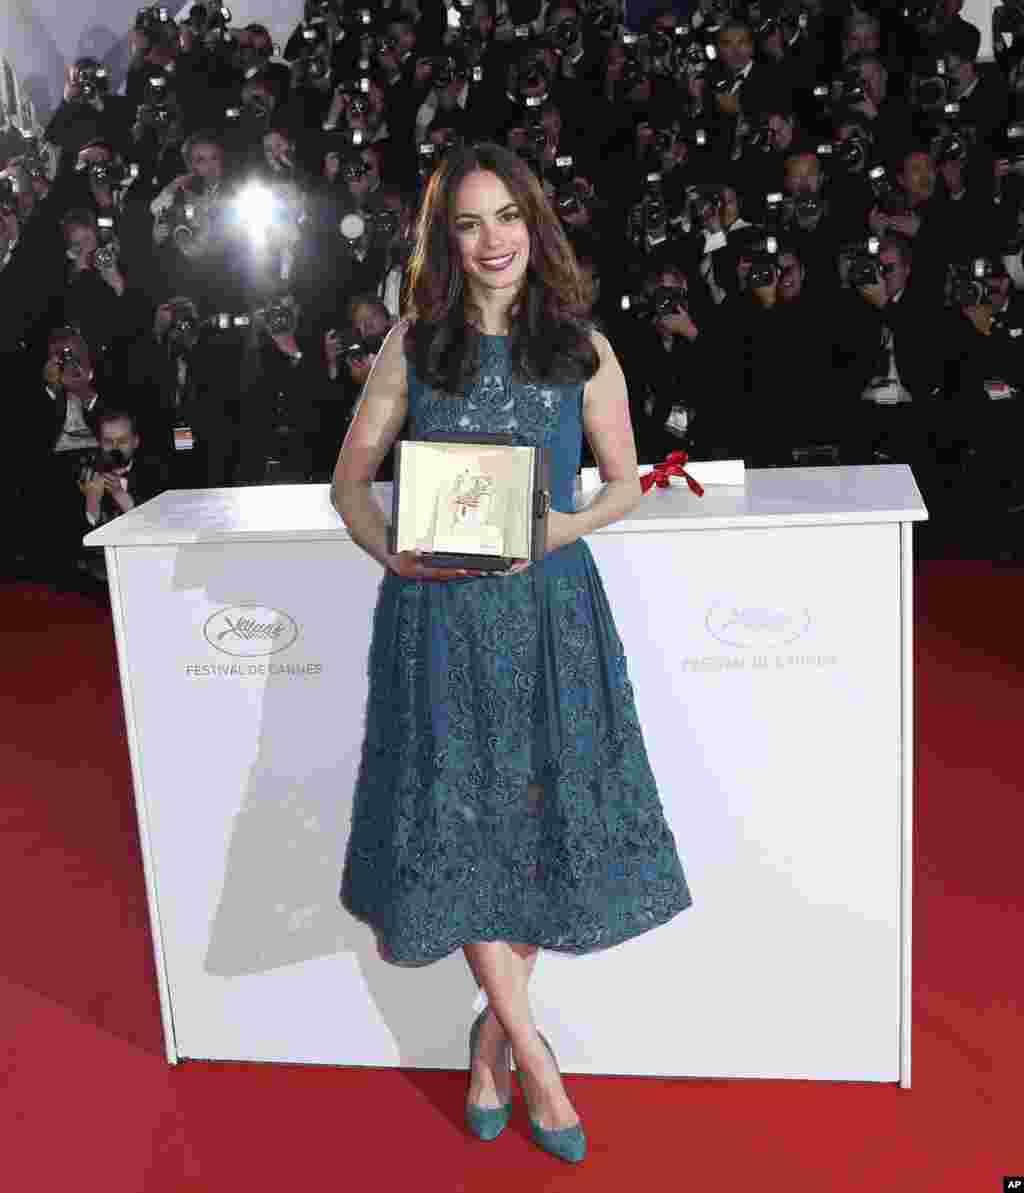 """Nữ diễn viên Bérénice Béjo với giải nữ diễn viên hay nhất trong bộ phim """"Le Passé"""" ngày 26 tháng 5, 2013."""